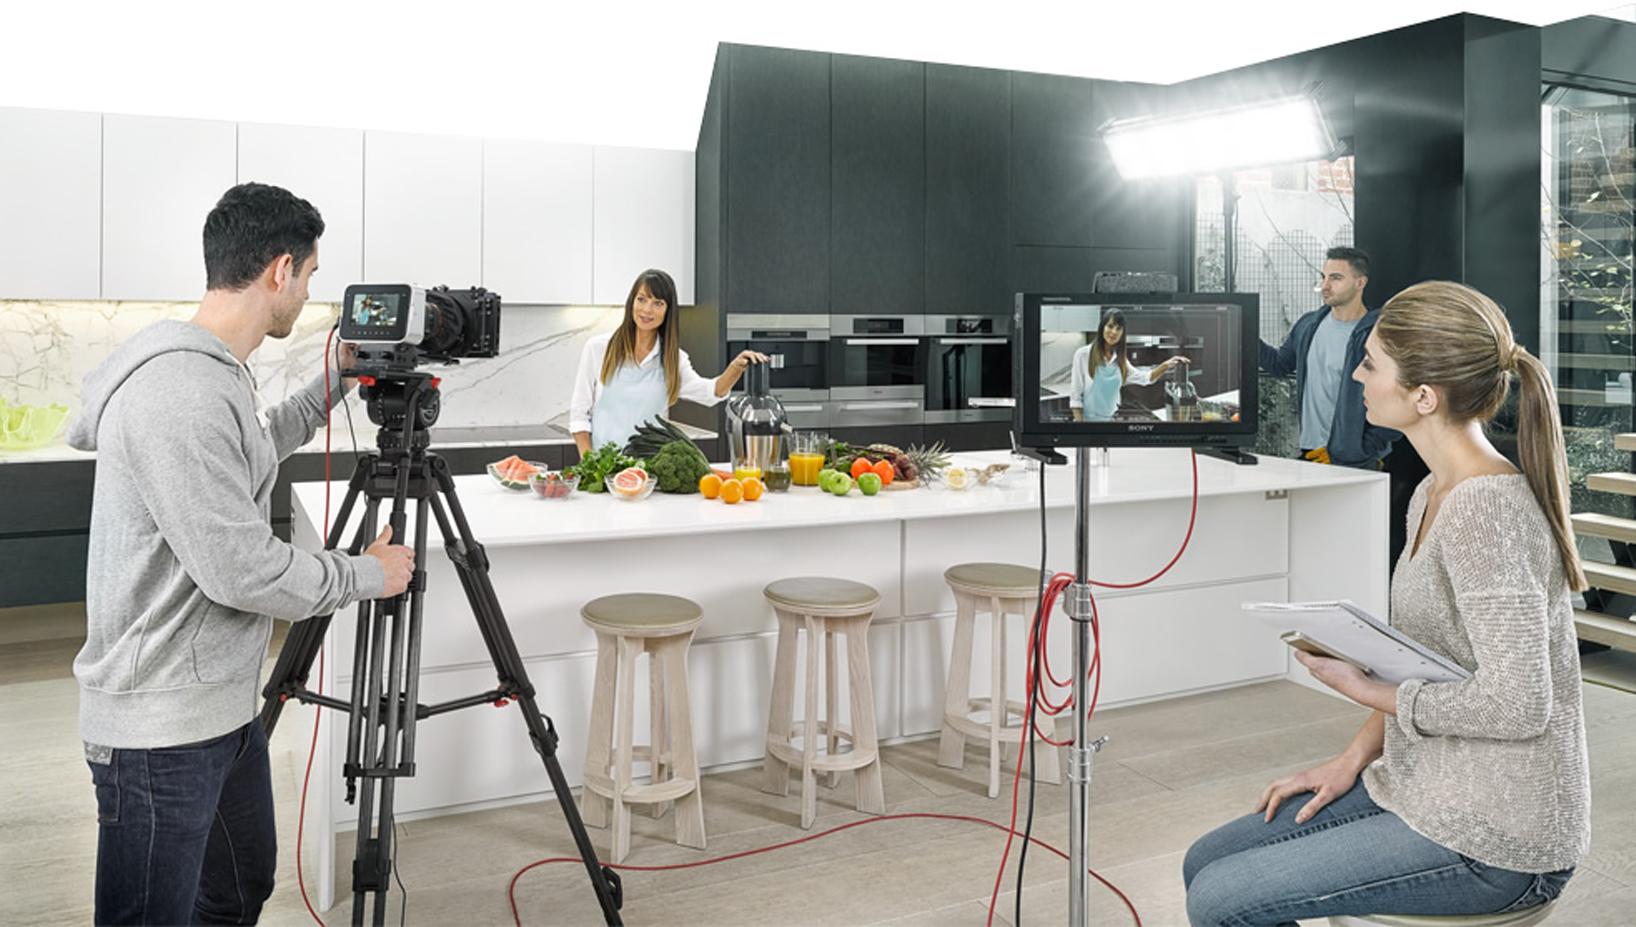 Особенности аренды студий для фотосессий и видеосъемок